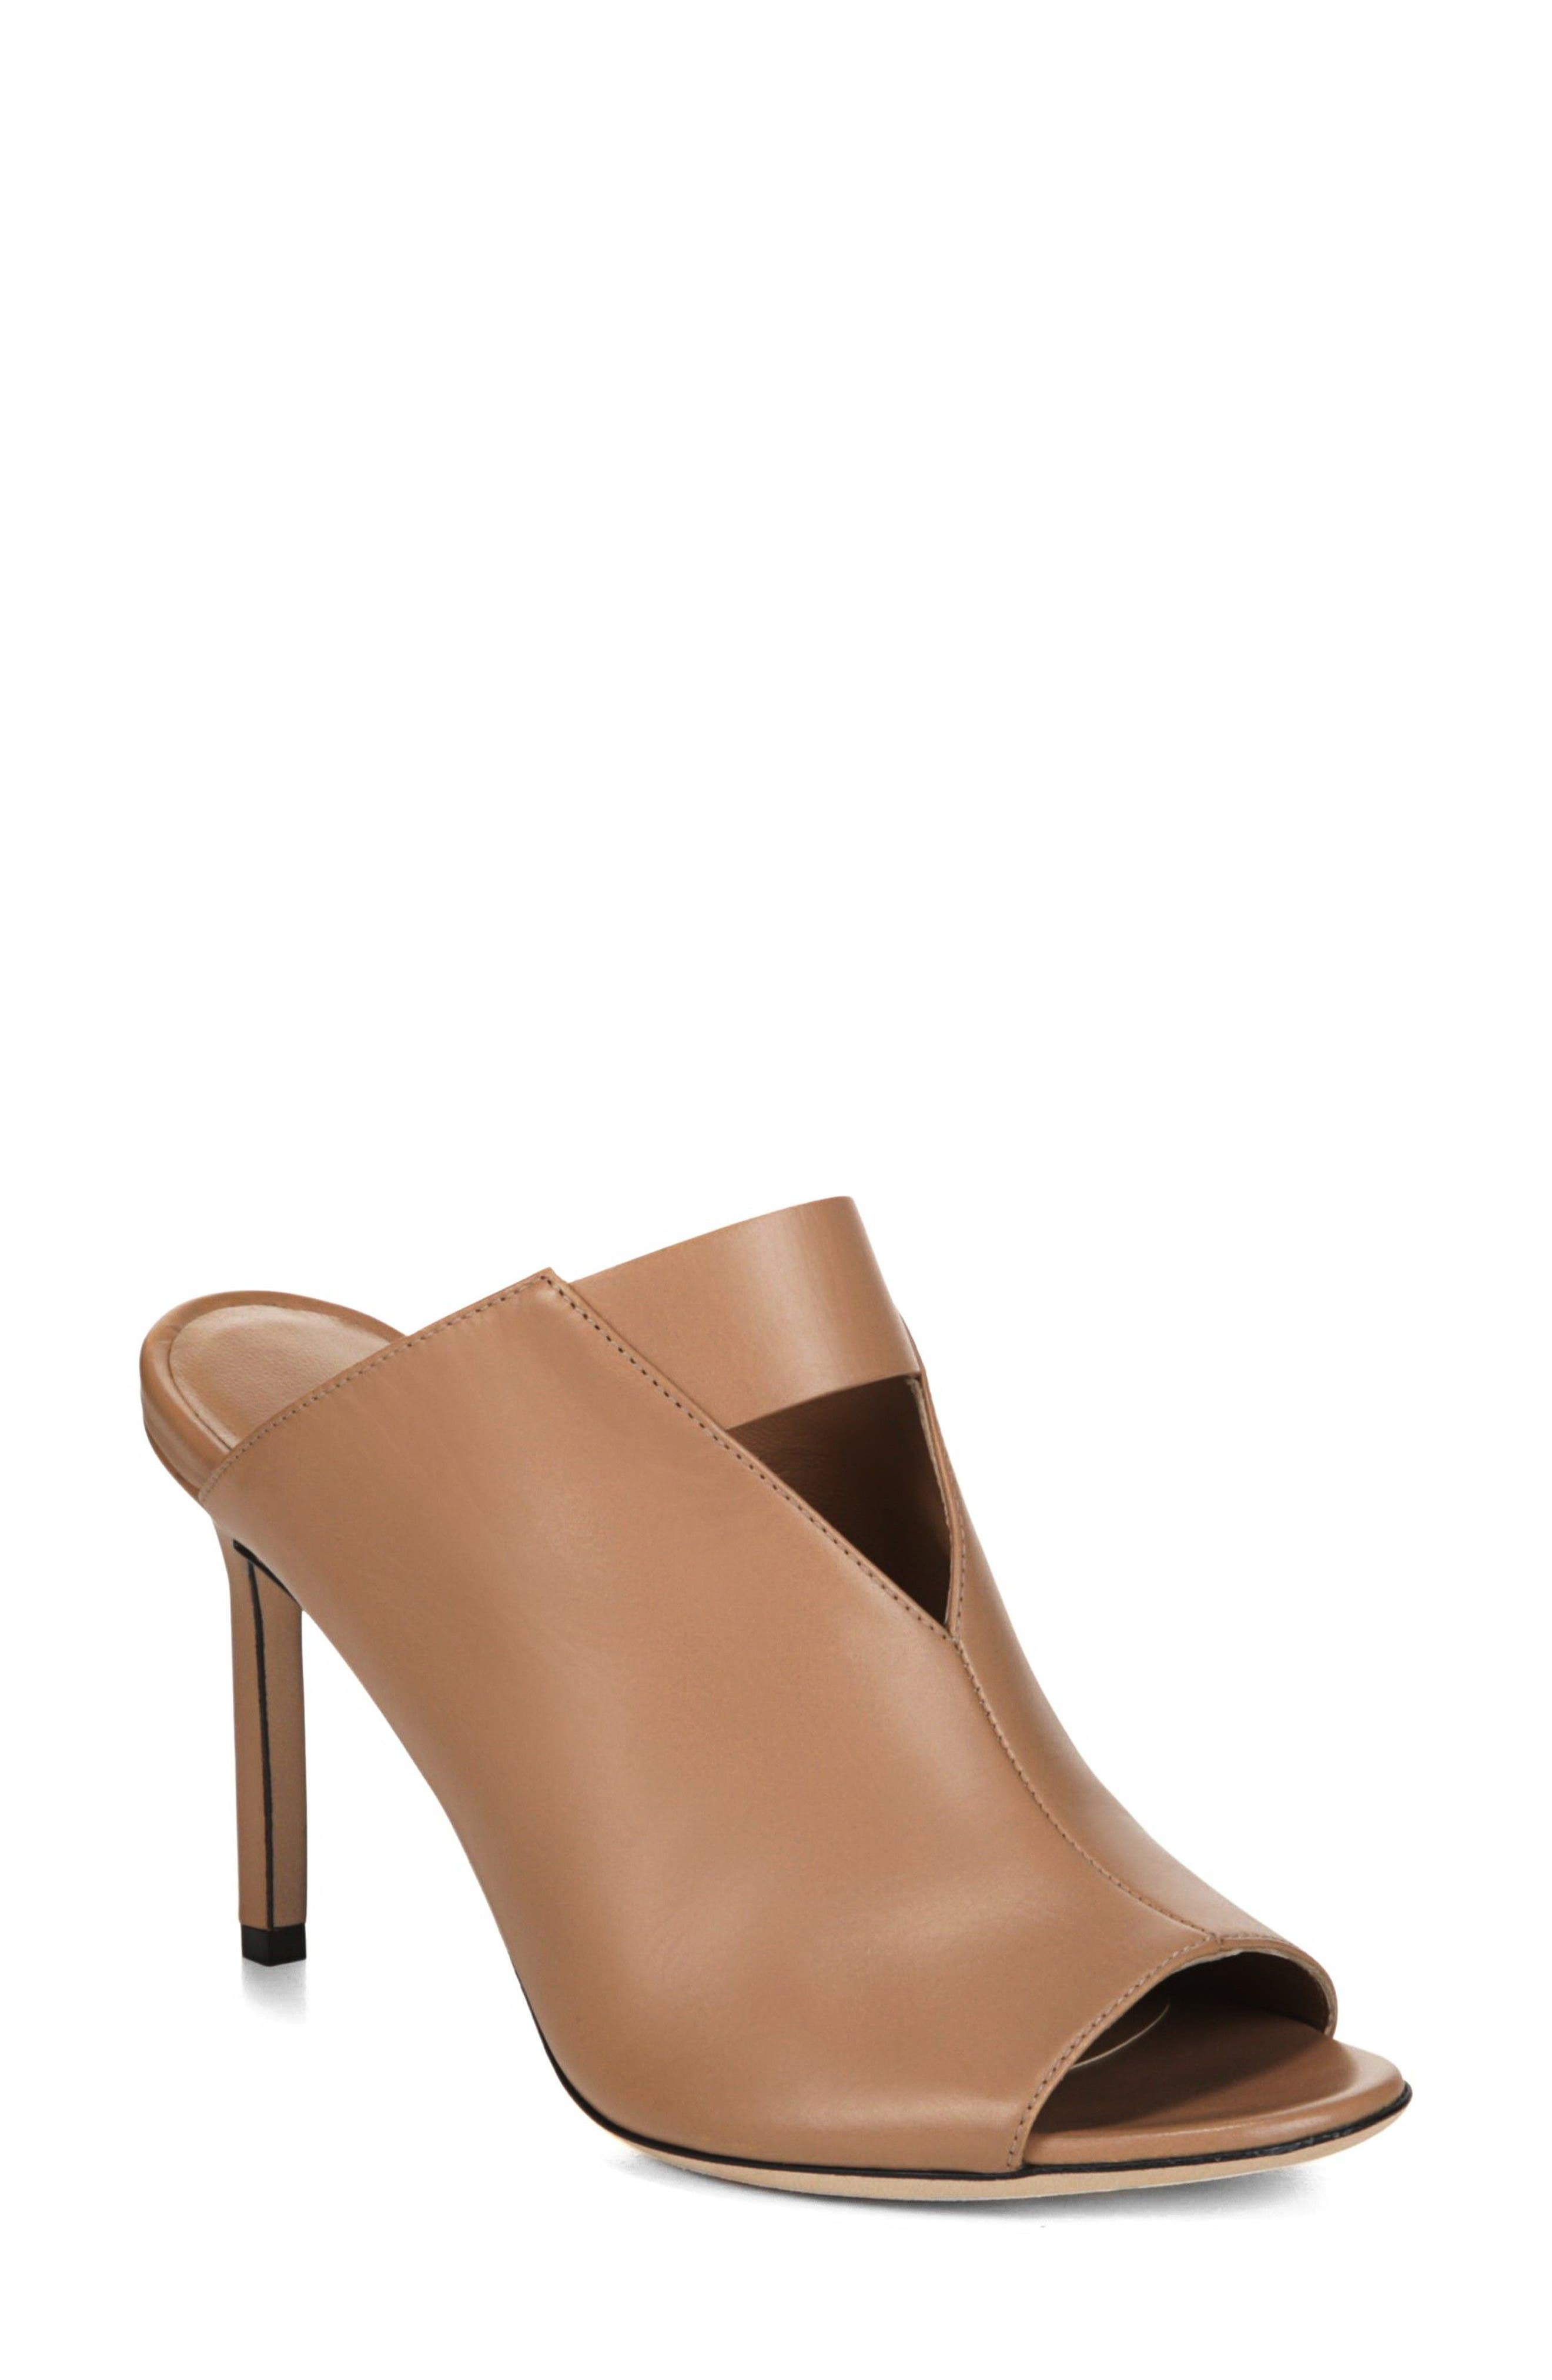 Mira Sandal,                         Main,                         color, Desert Leather